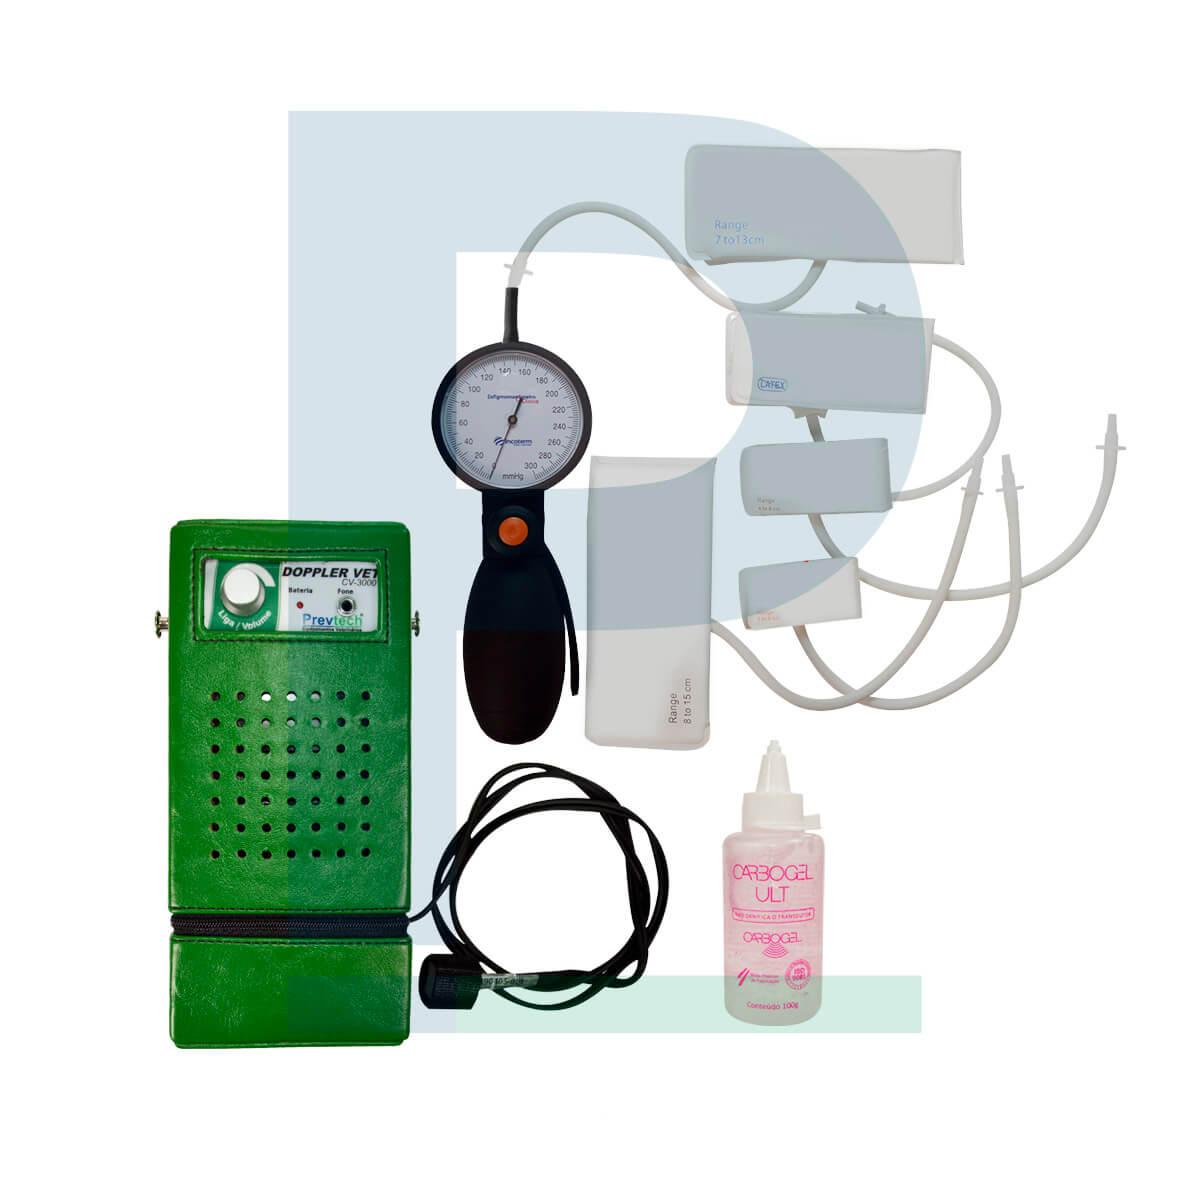 Kit Doppler Vascular Veterinário 1 Via - CV3000